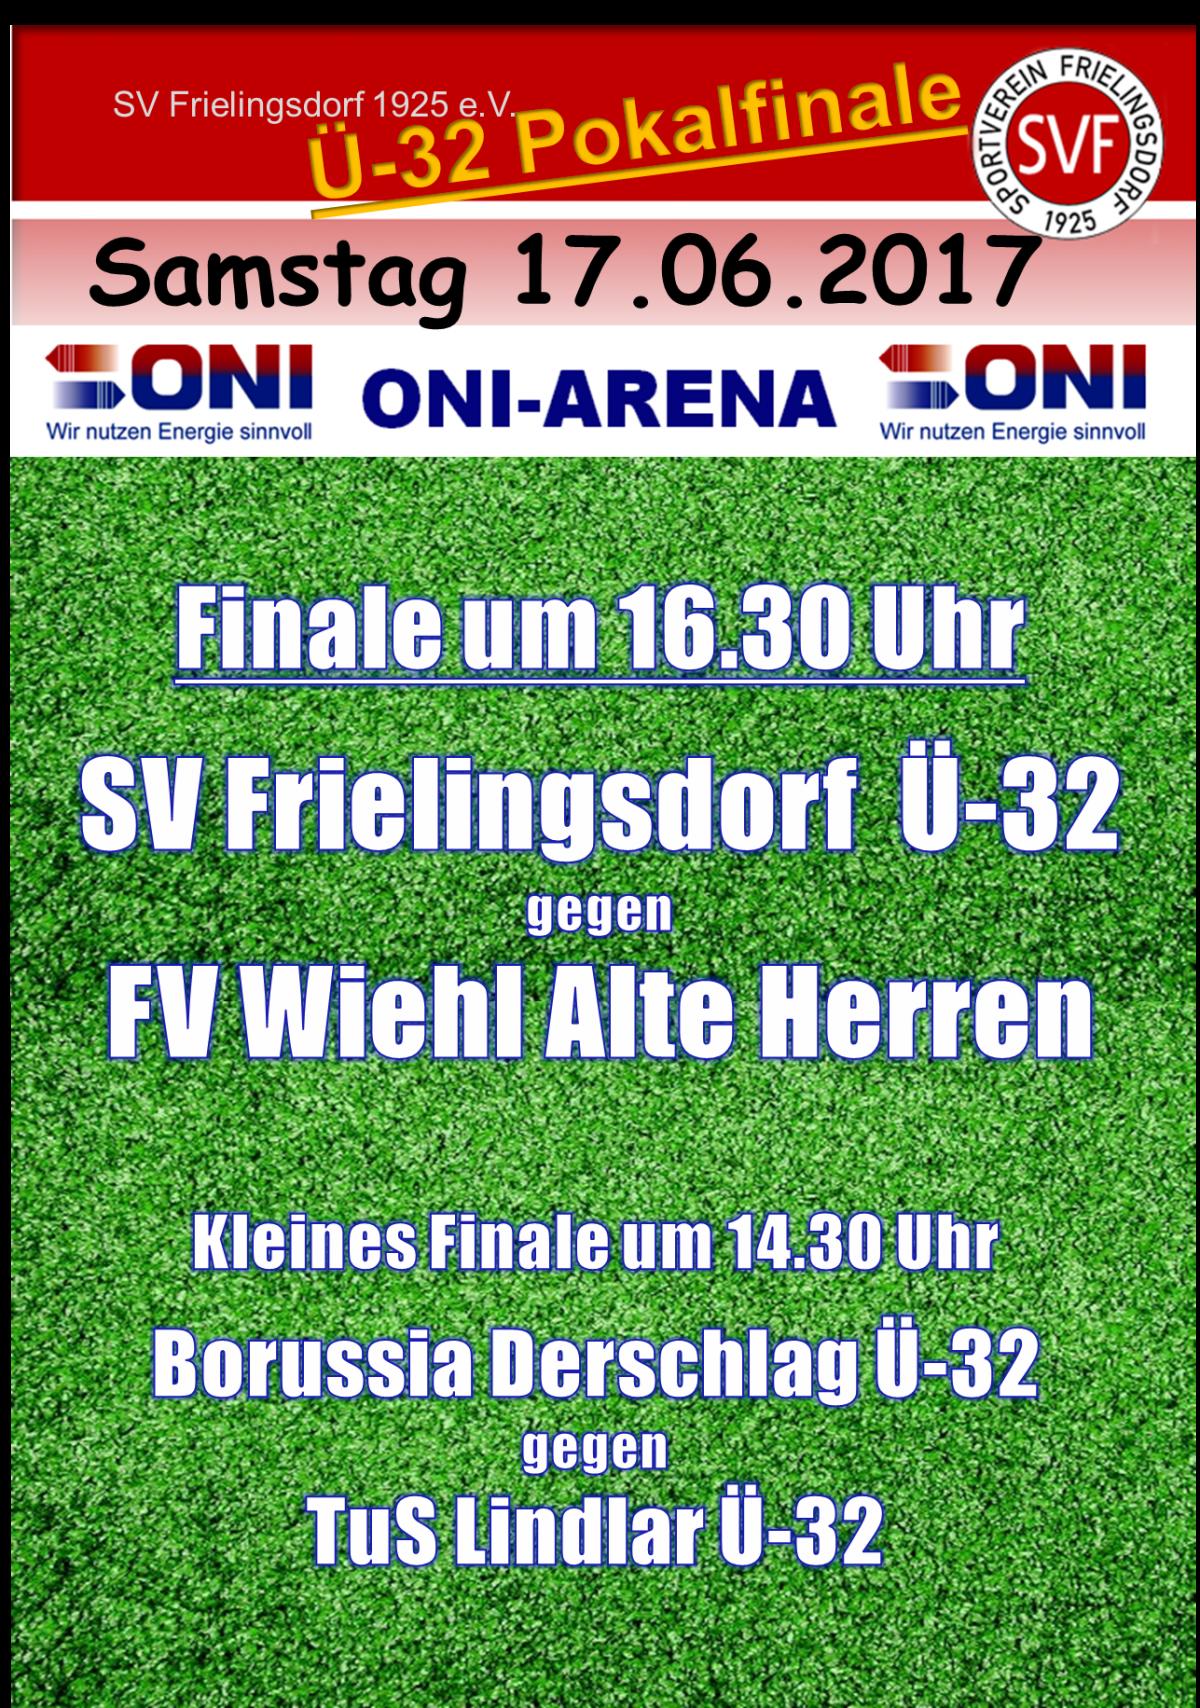 Ü-32 Pokalfinale in Frielingsdorf in der ONI Arena